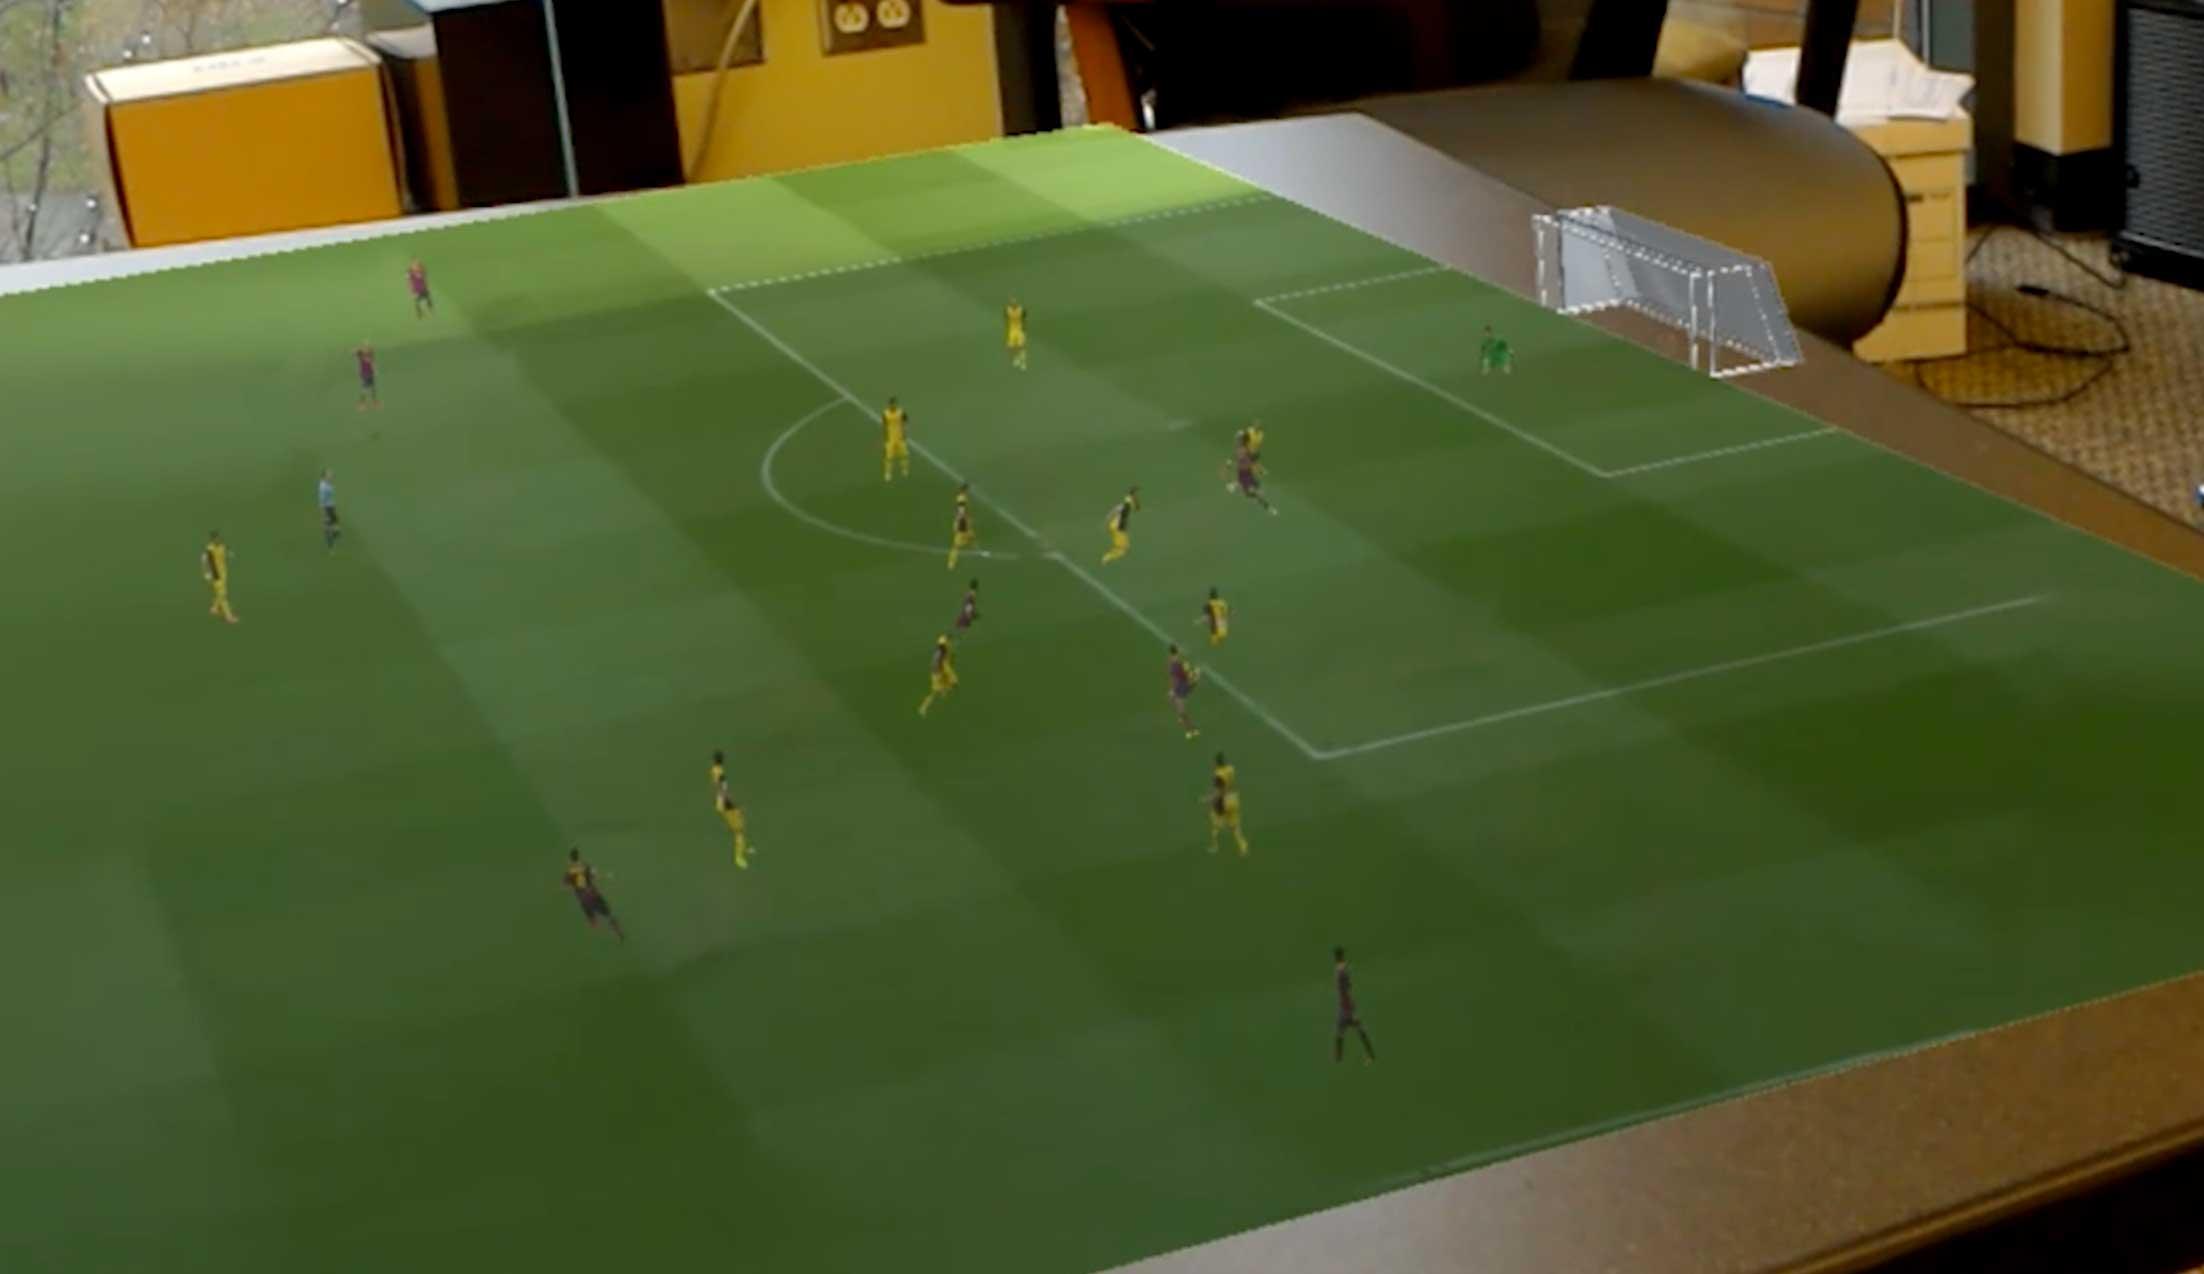 Pronto podrías ver los partidos de fútbol en 3D en tu propia mesa